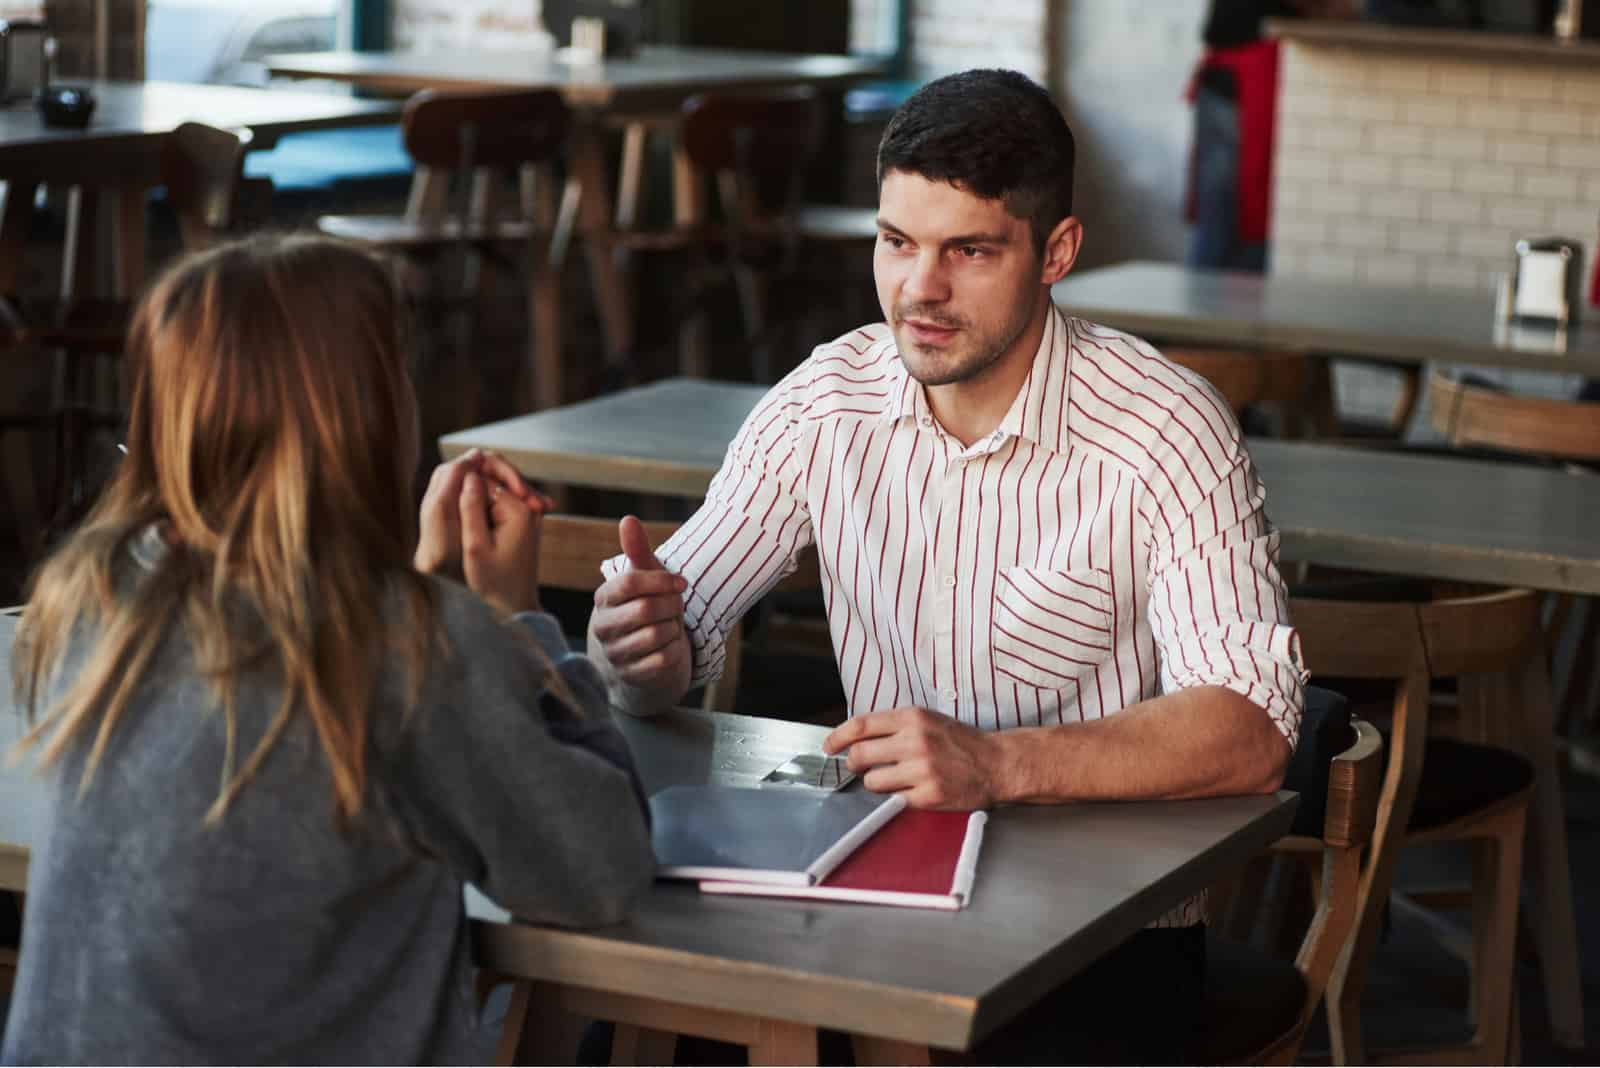 un homme et une femme parlent dans un café alors qu'ils sont assis face à face